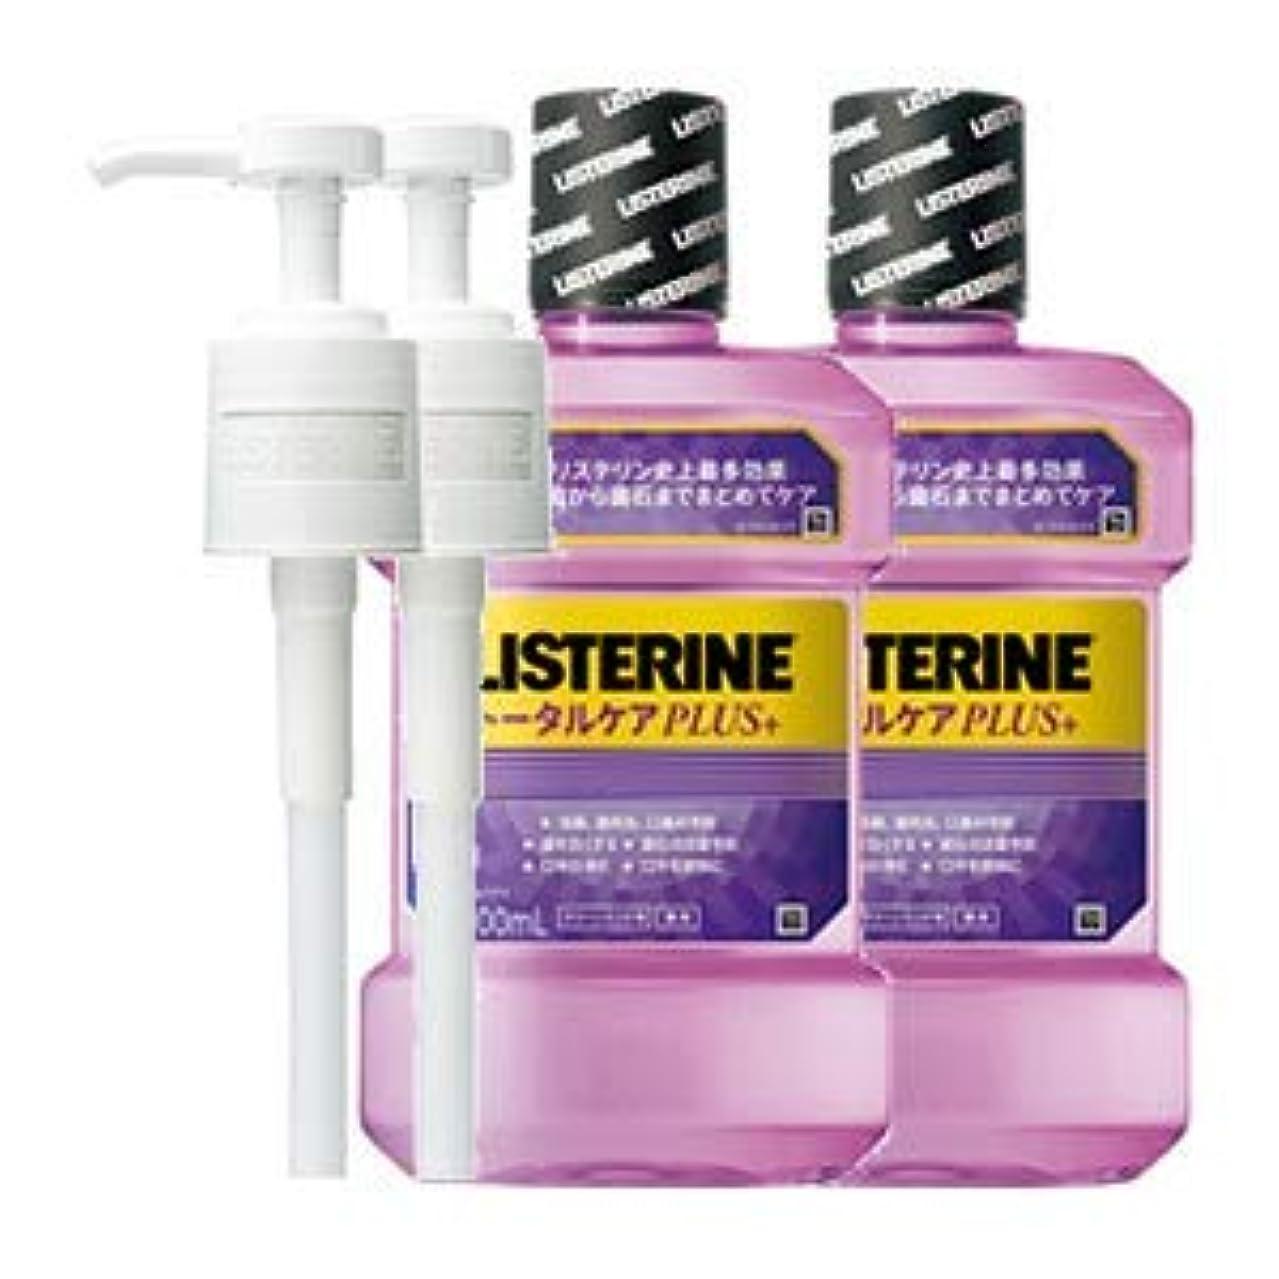 祈りニコチン語薬用リステリン トータルケアプラス (液体歯磨) 1000mL 2点セット (ポンプ付)